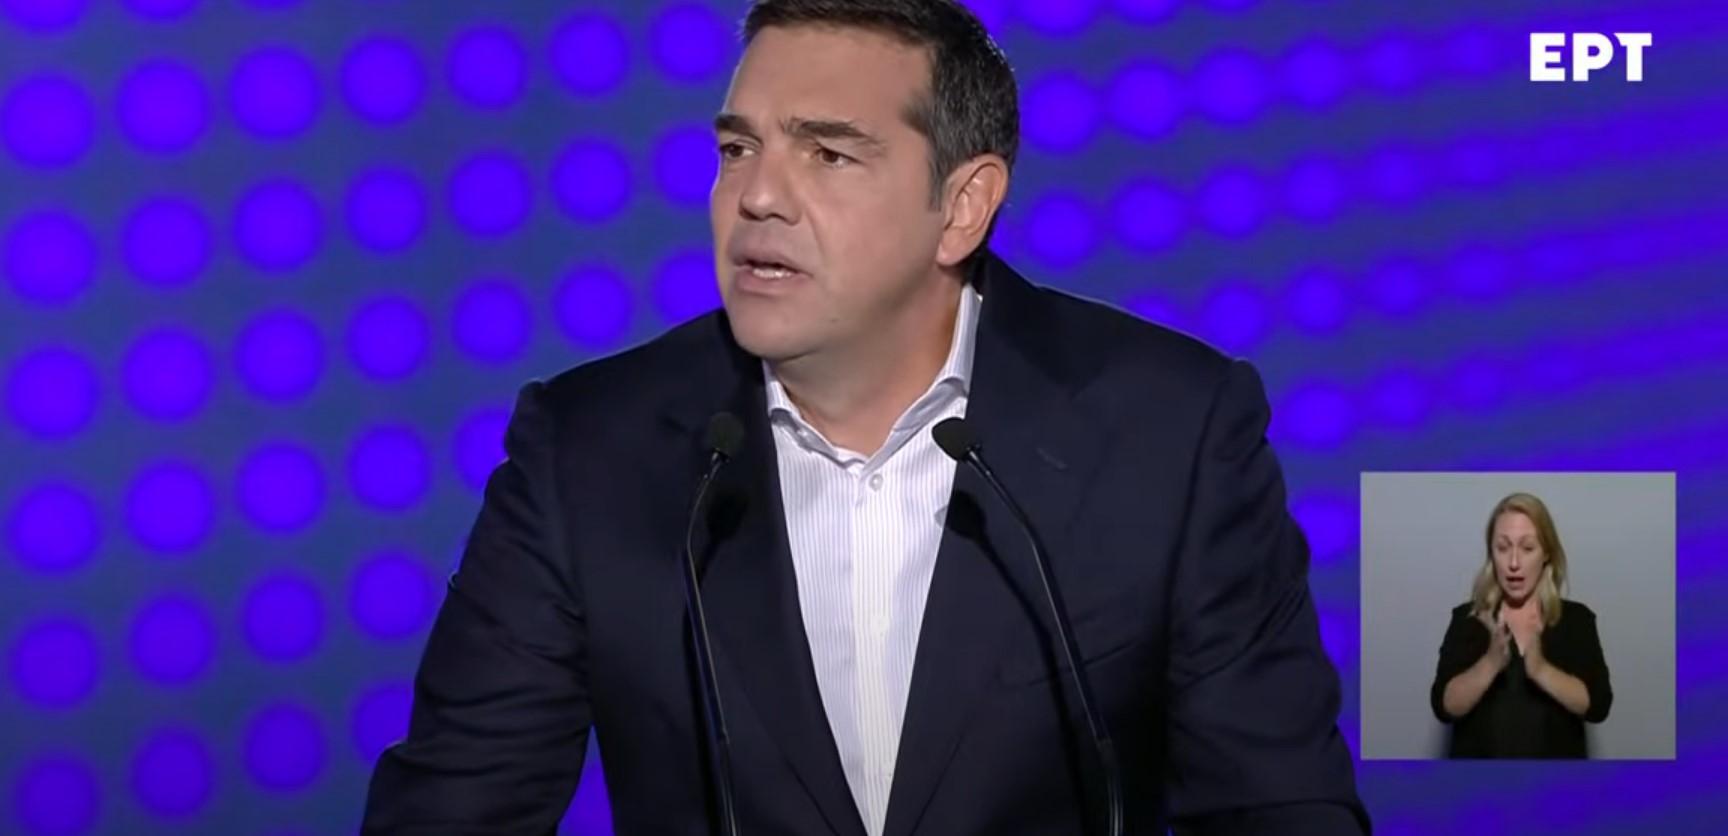 H ομιλία του Αλέξη Τσίπρα στη ΔΕΘ: Παρουσιάζει το σχέδιο του ΣΥΡΙΖΑ